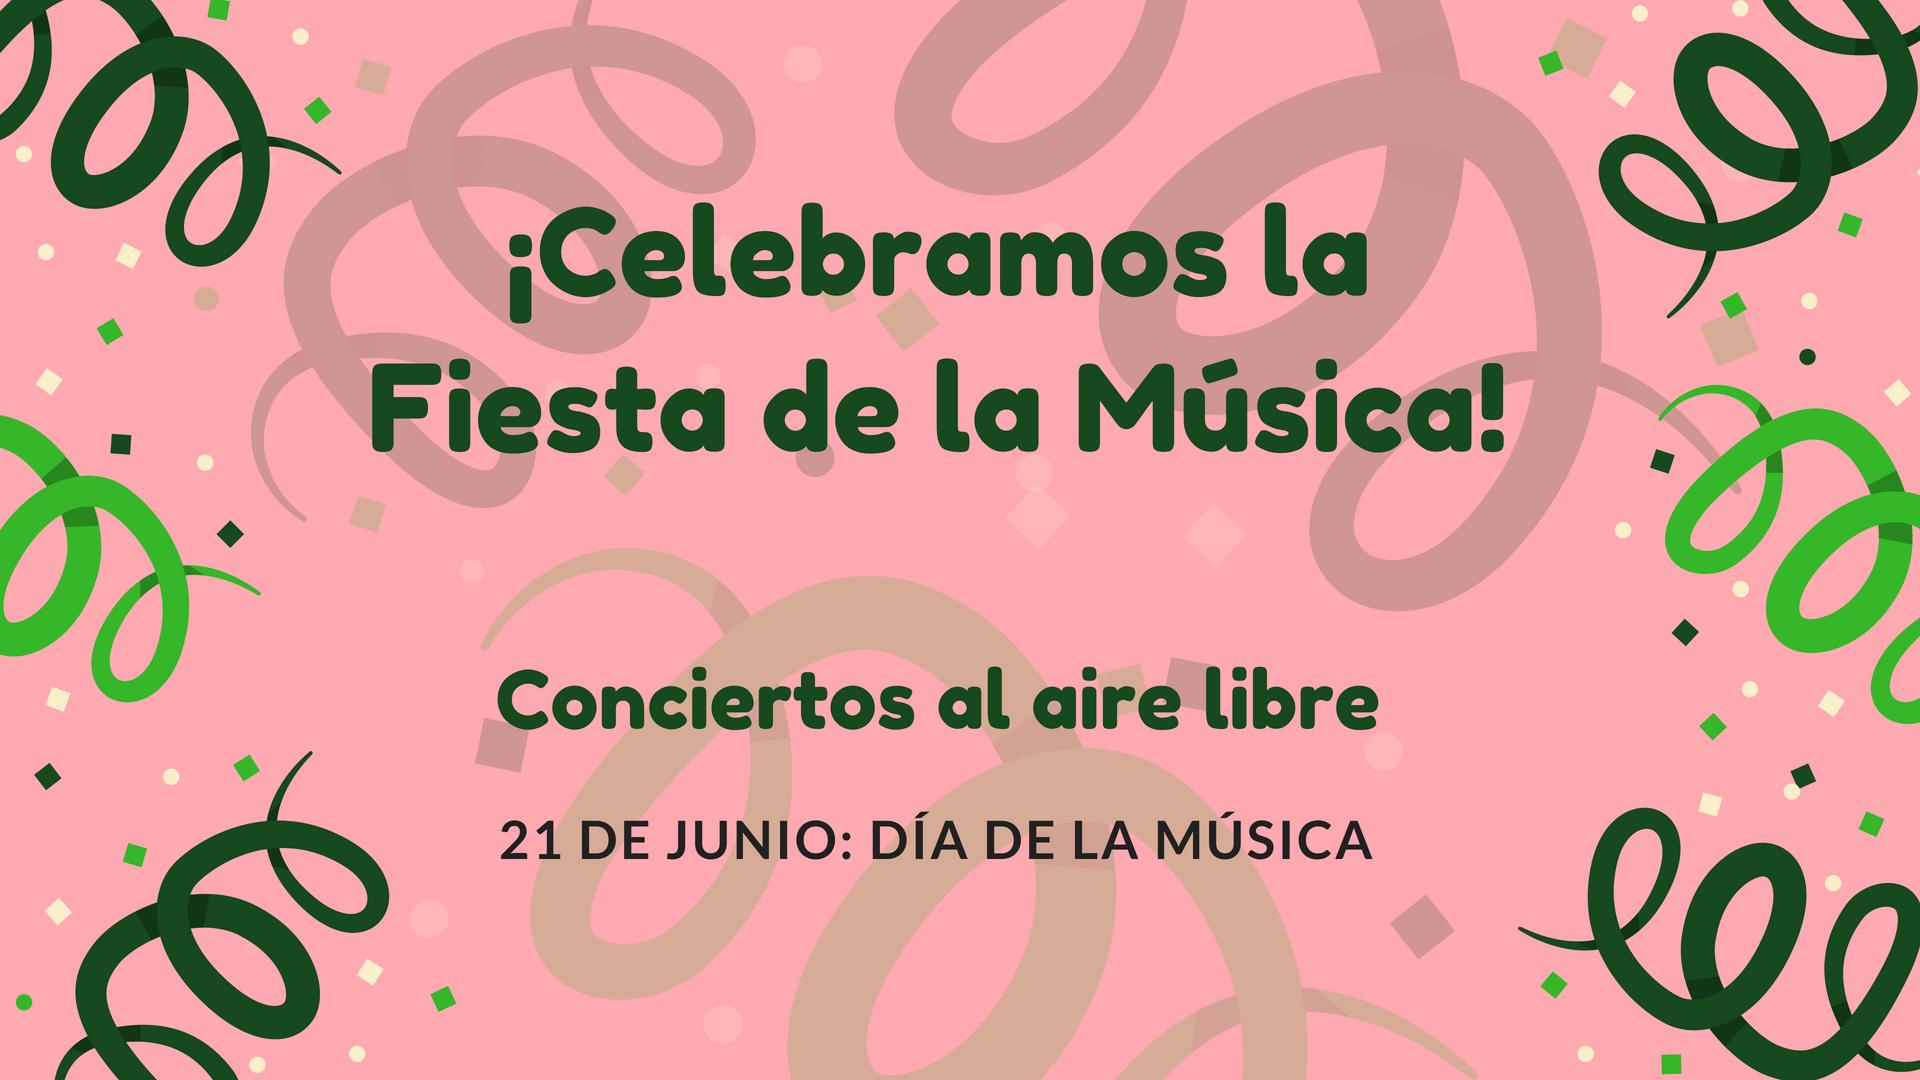 ¡Celebramos la Fiesta de la Música!